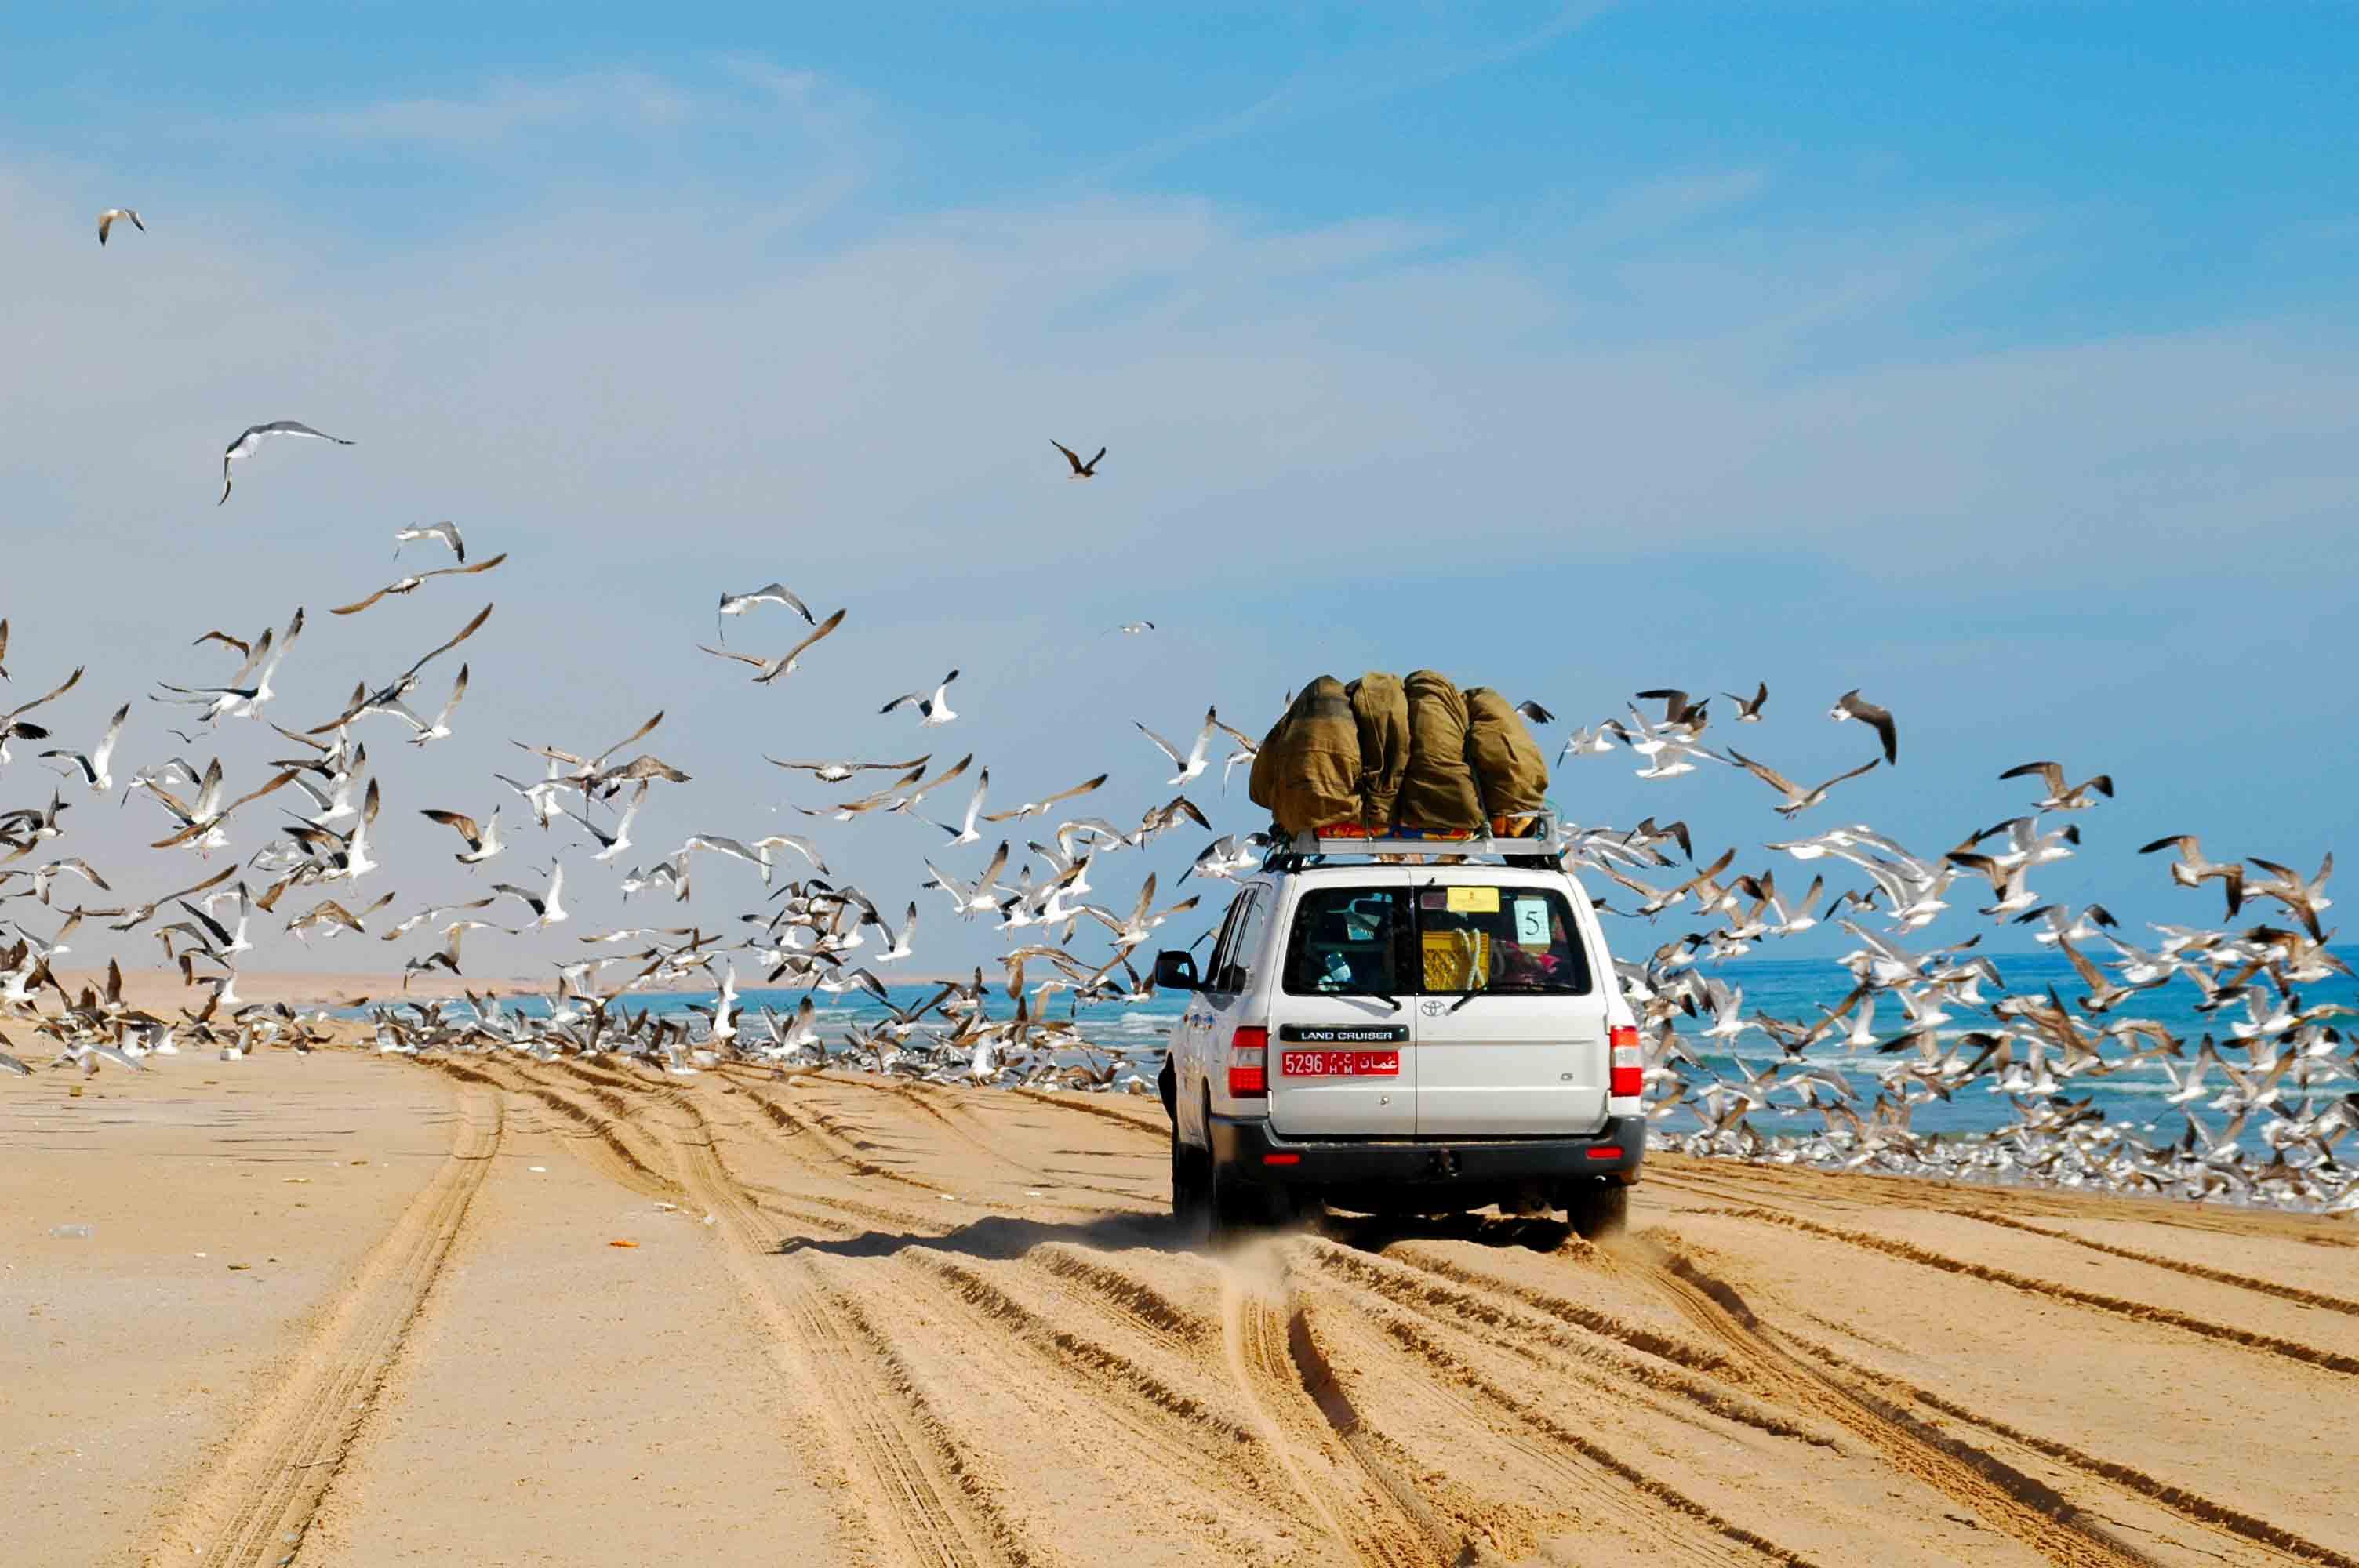 Stampa le fotografie dei tuoi viaggi dove vuoi in modo creativo